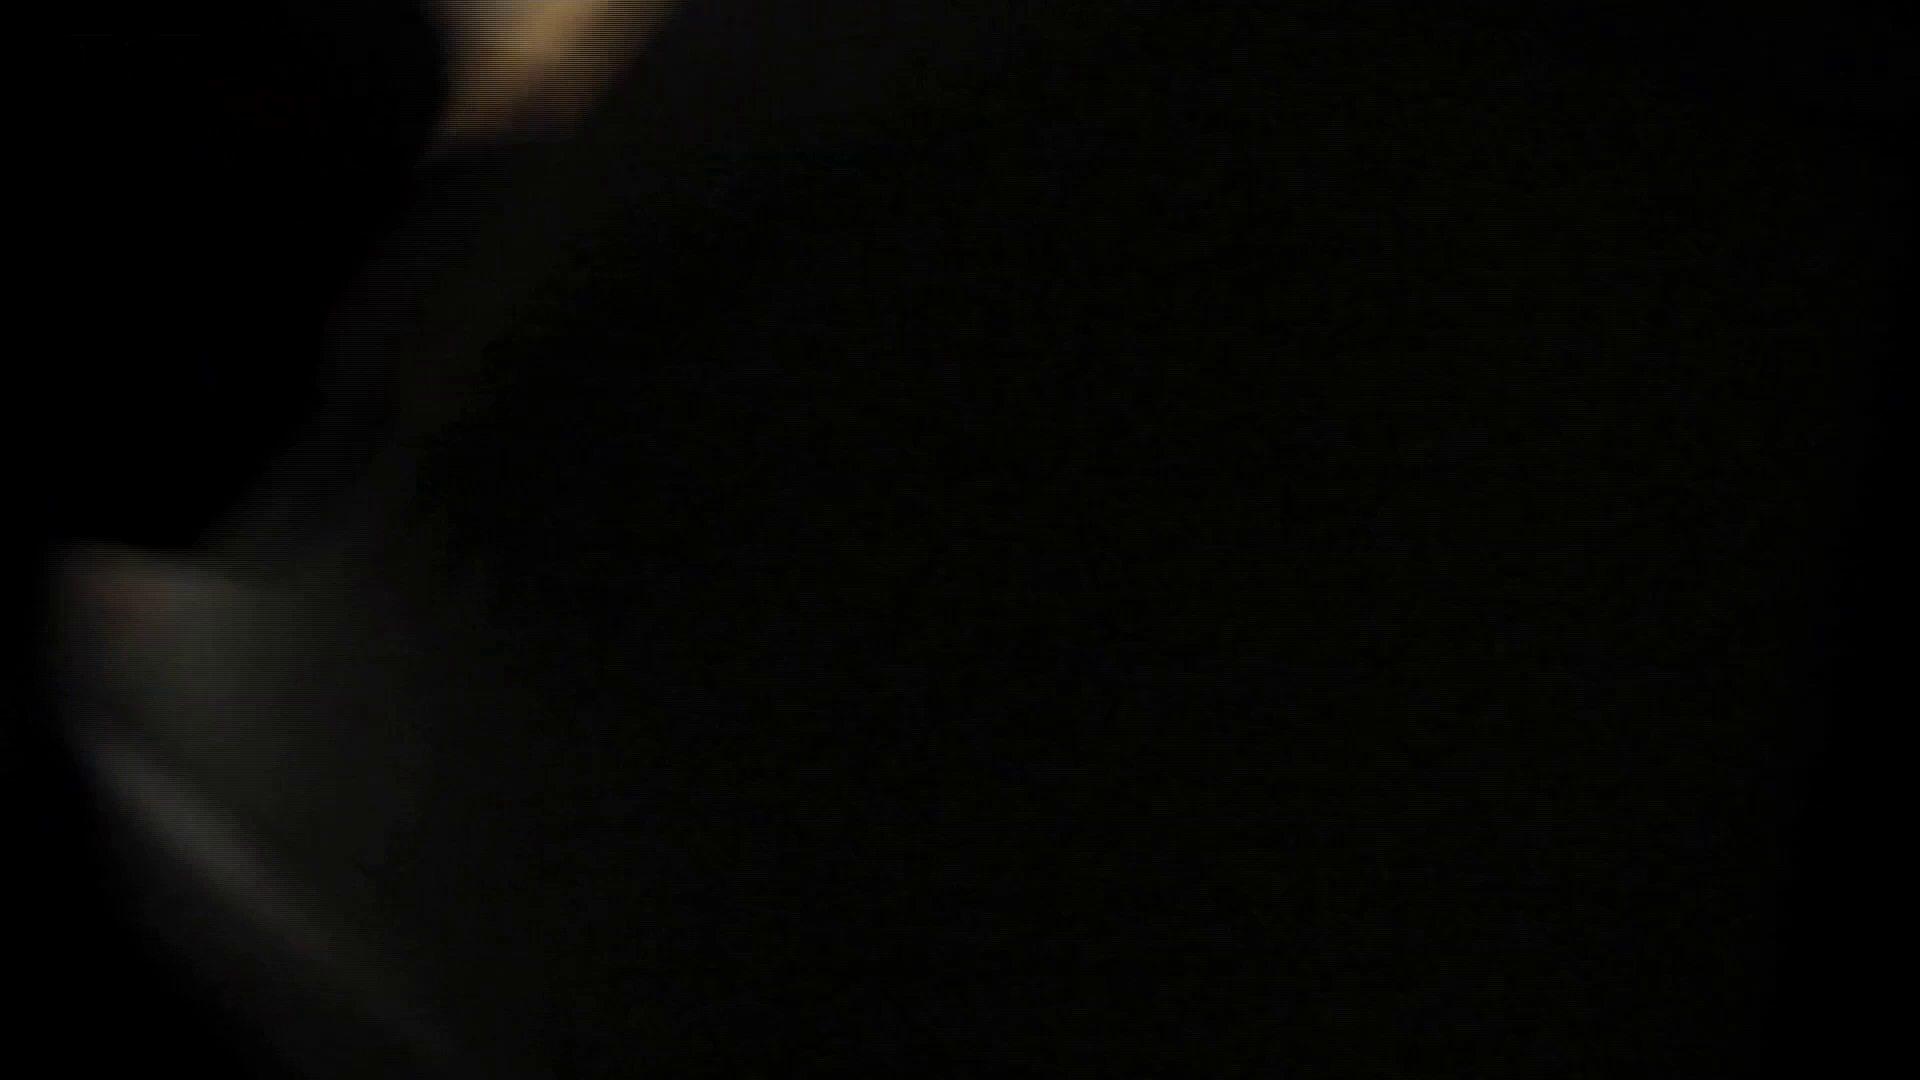 ステーション編 vol40 更に画質アップ!!無料動画のモデルつい登場3 ギャル攻め ヌード画像 91画像 44